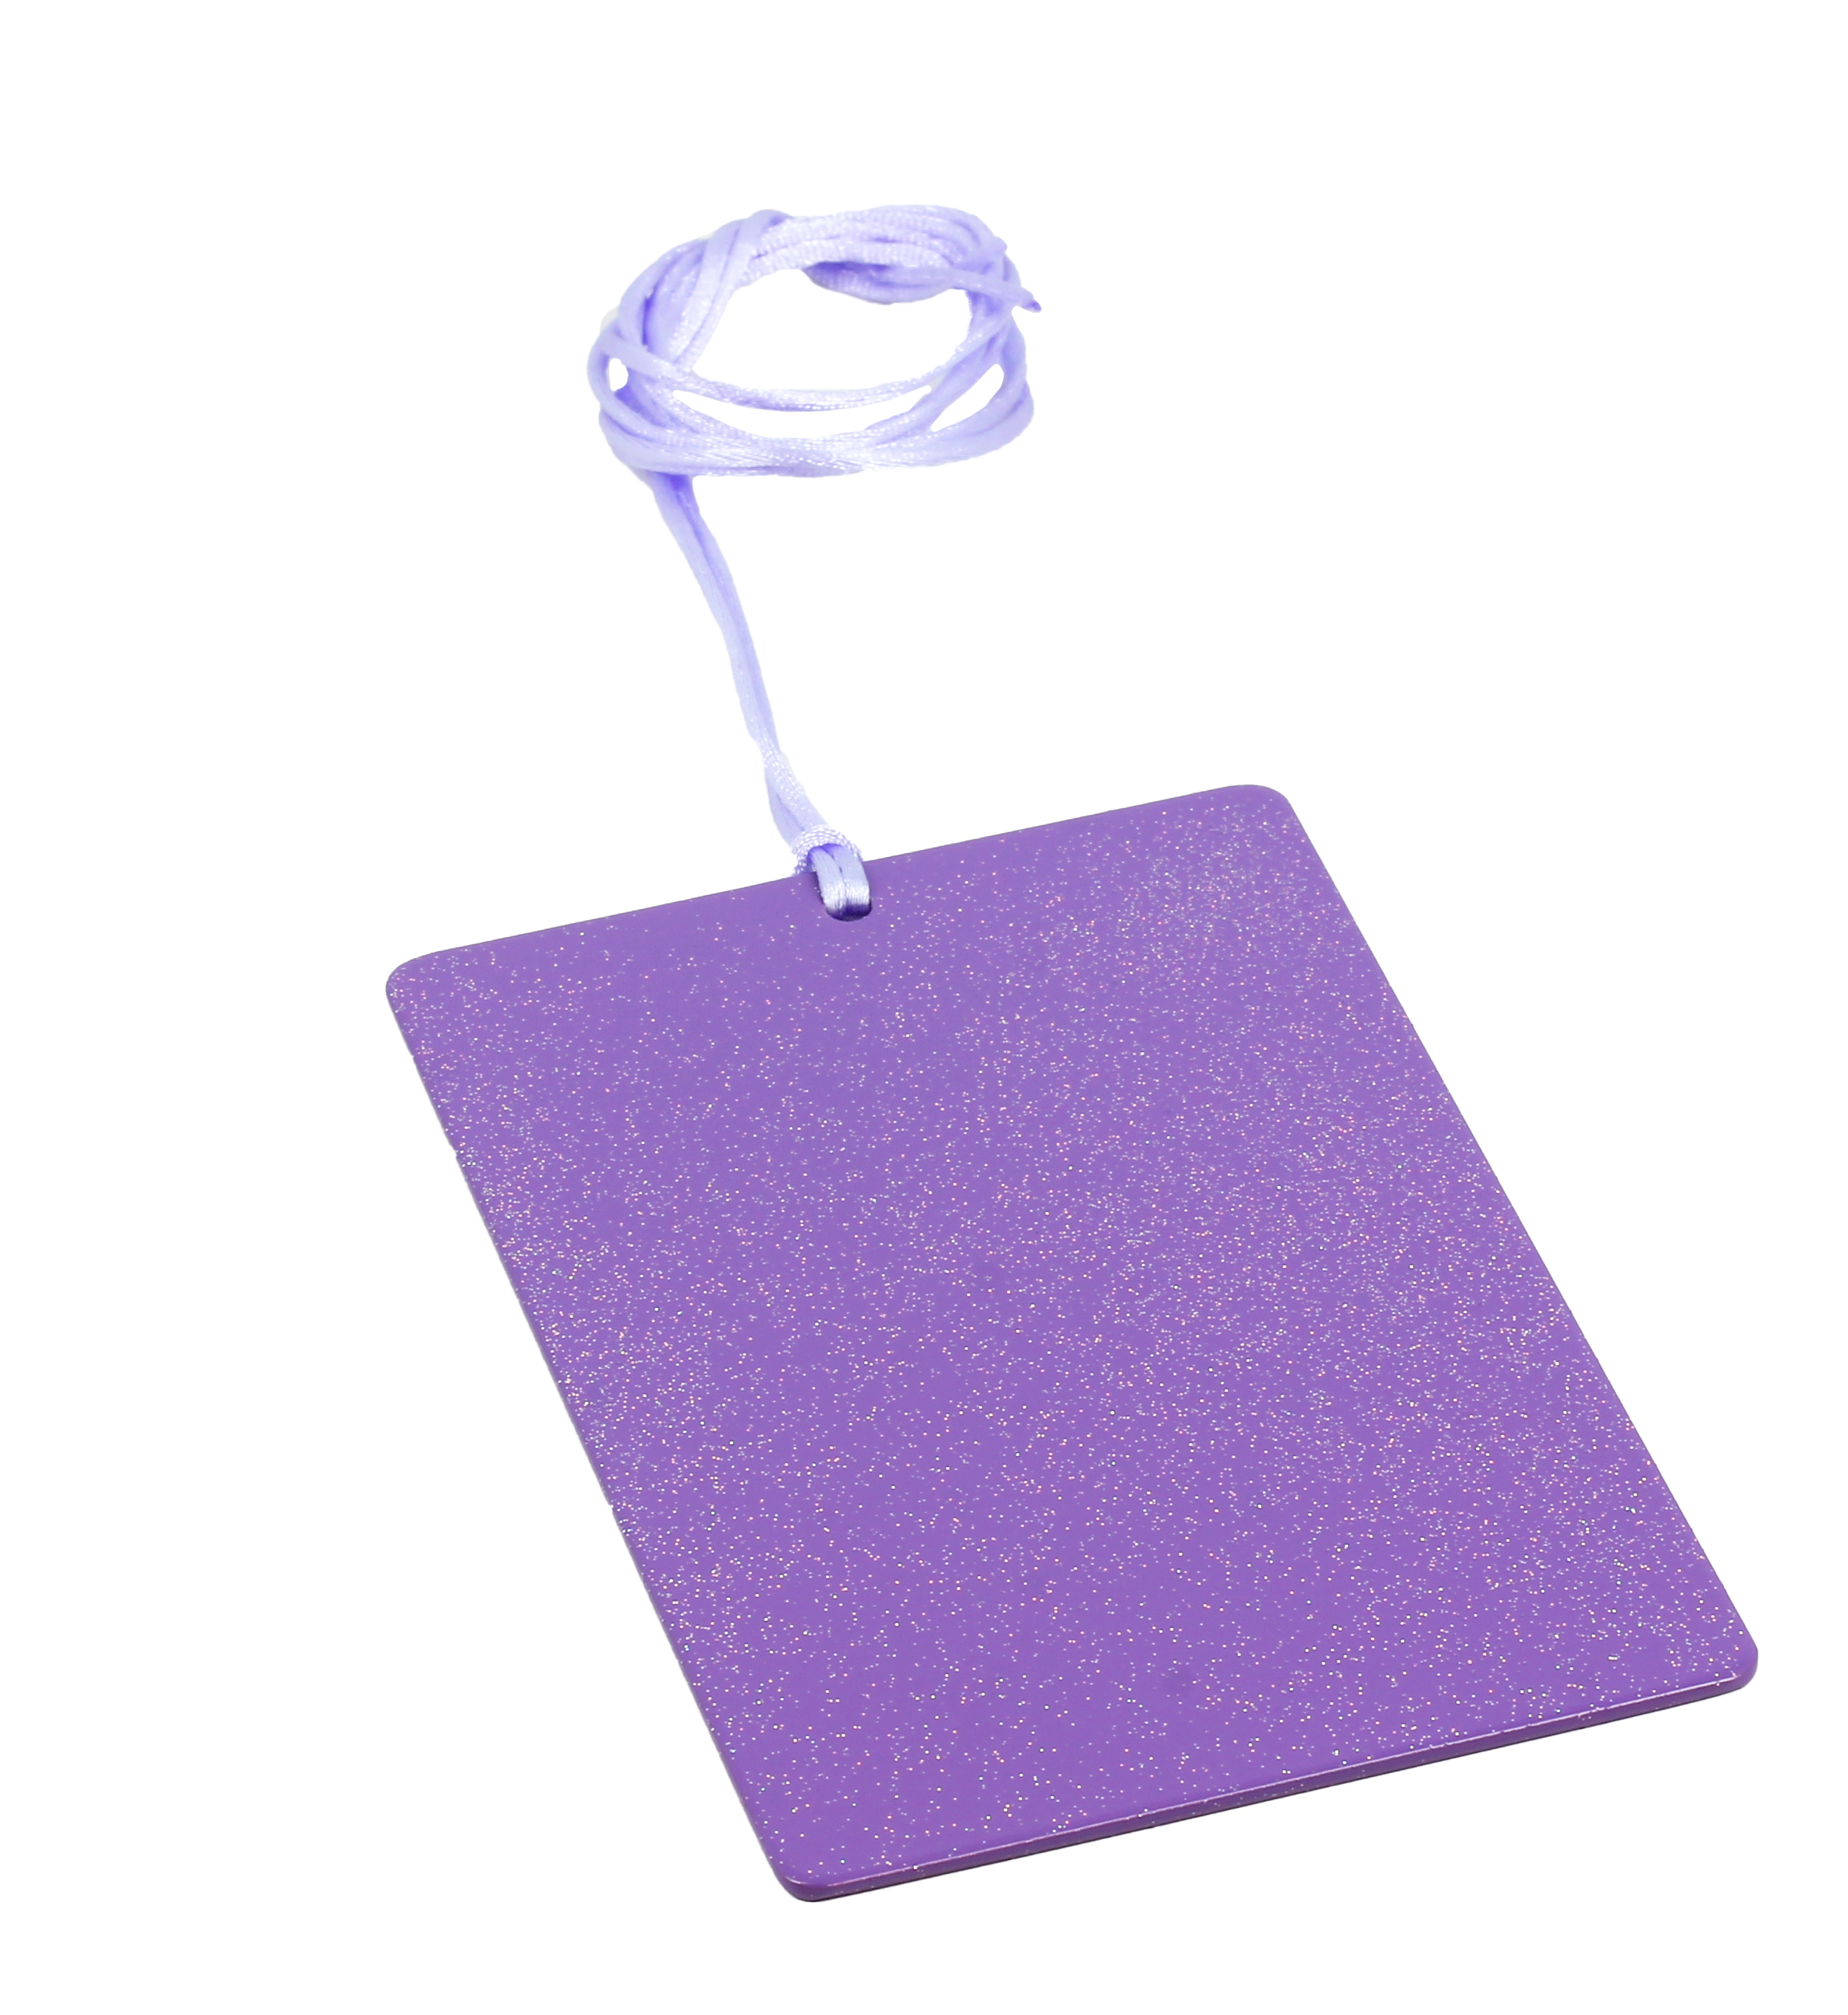 Piastre Di Tesla Funzionano piastra di tesla purpurea sunny - rettangolare card